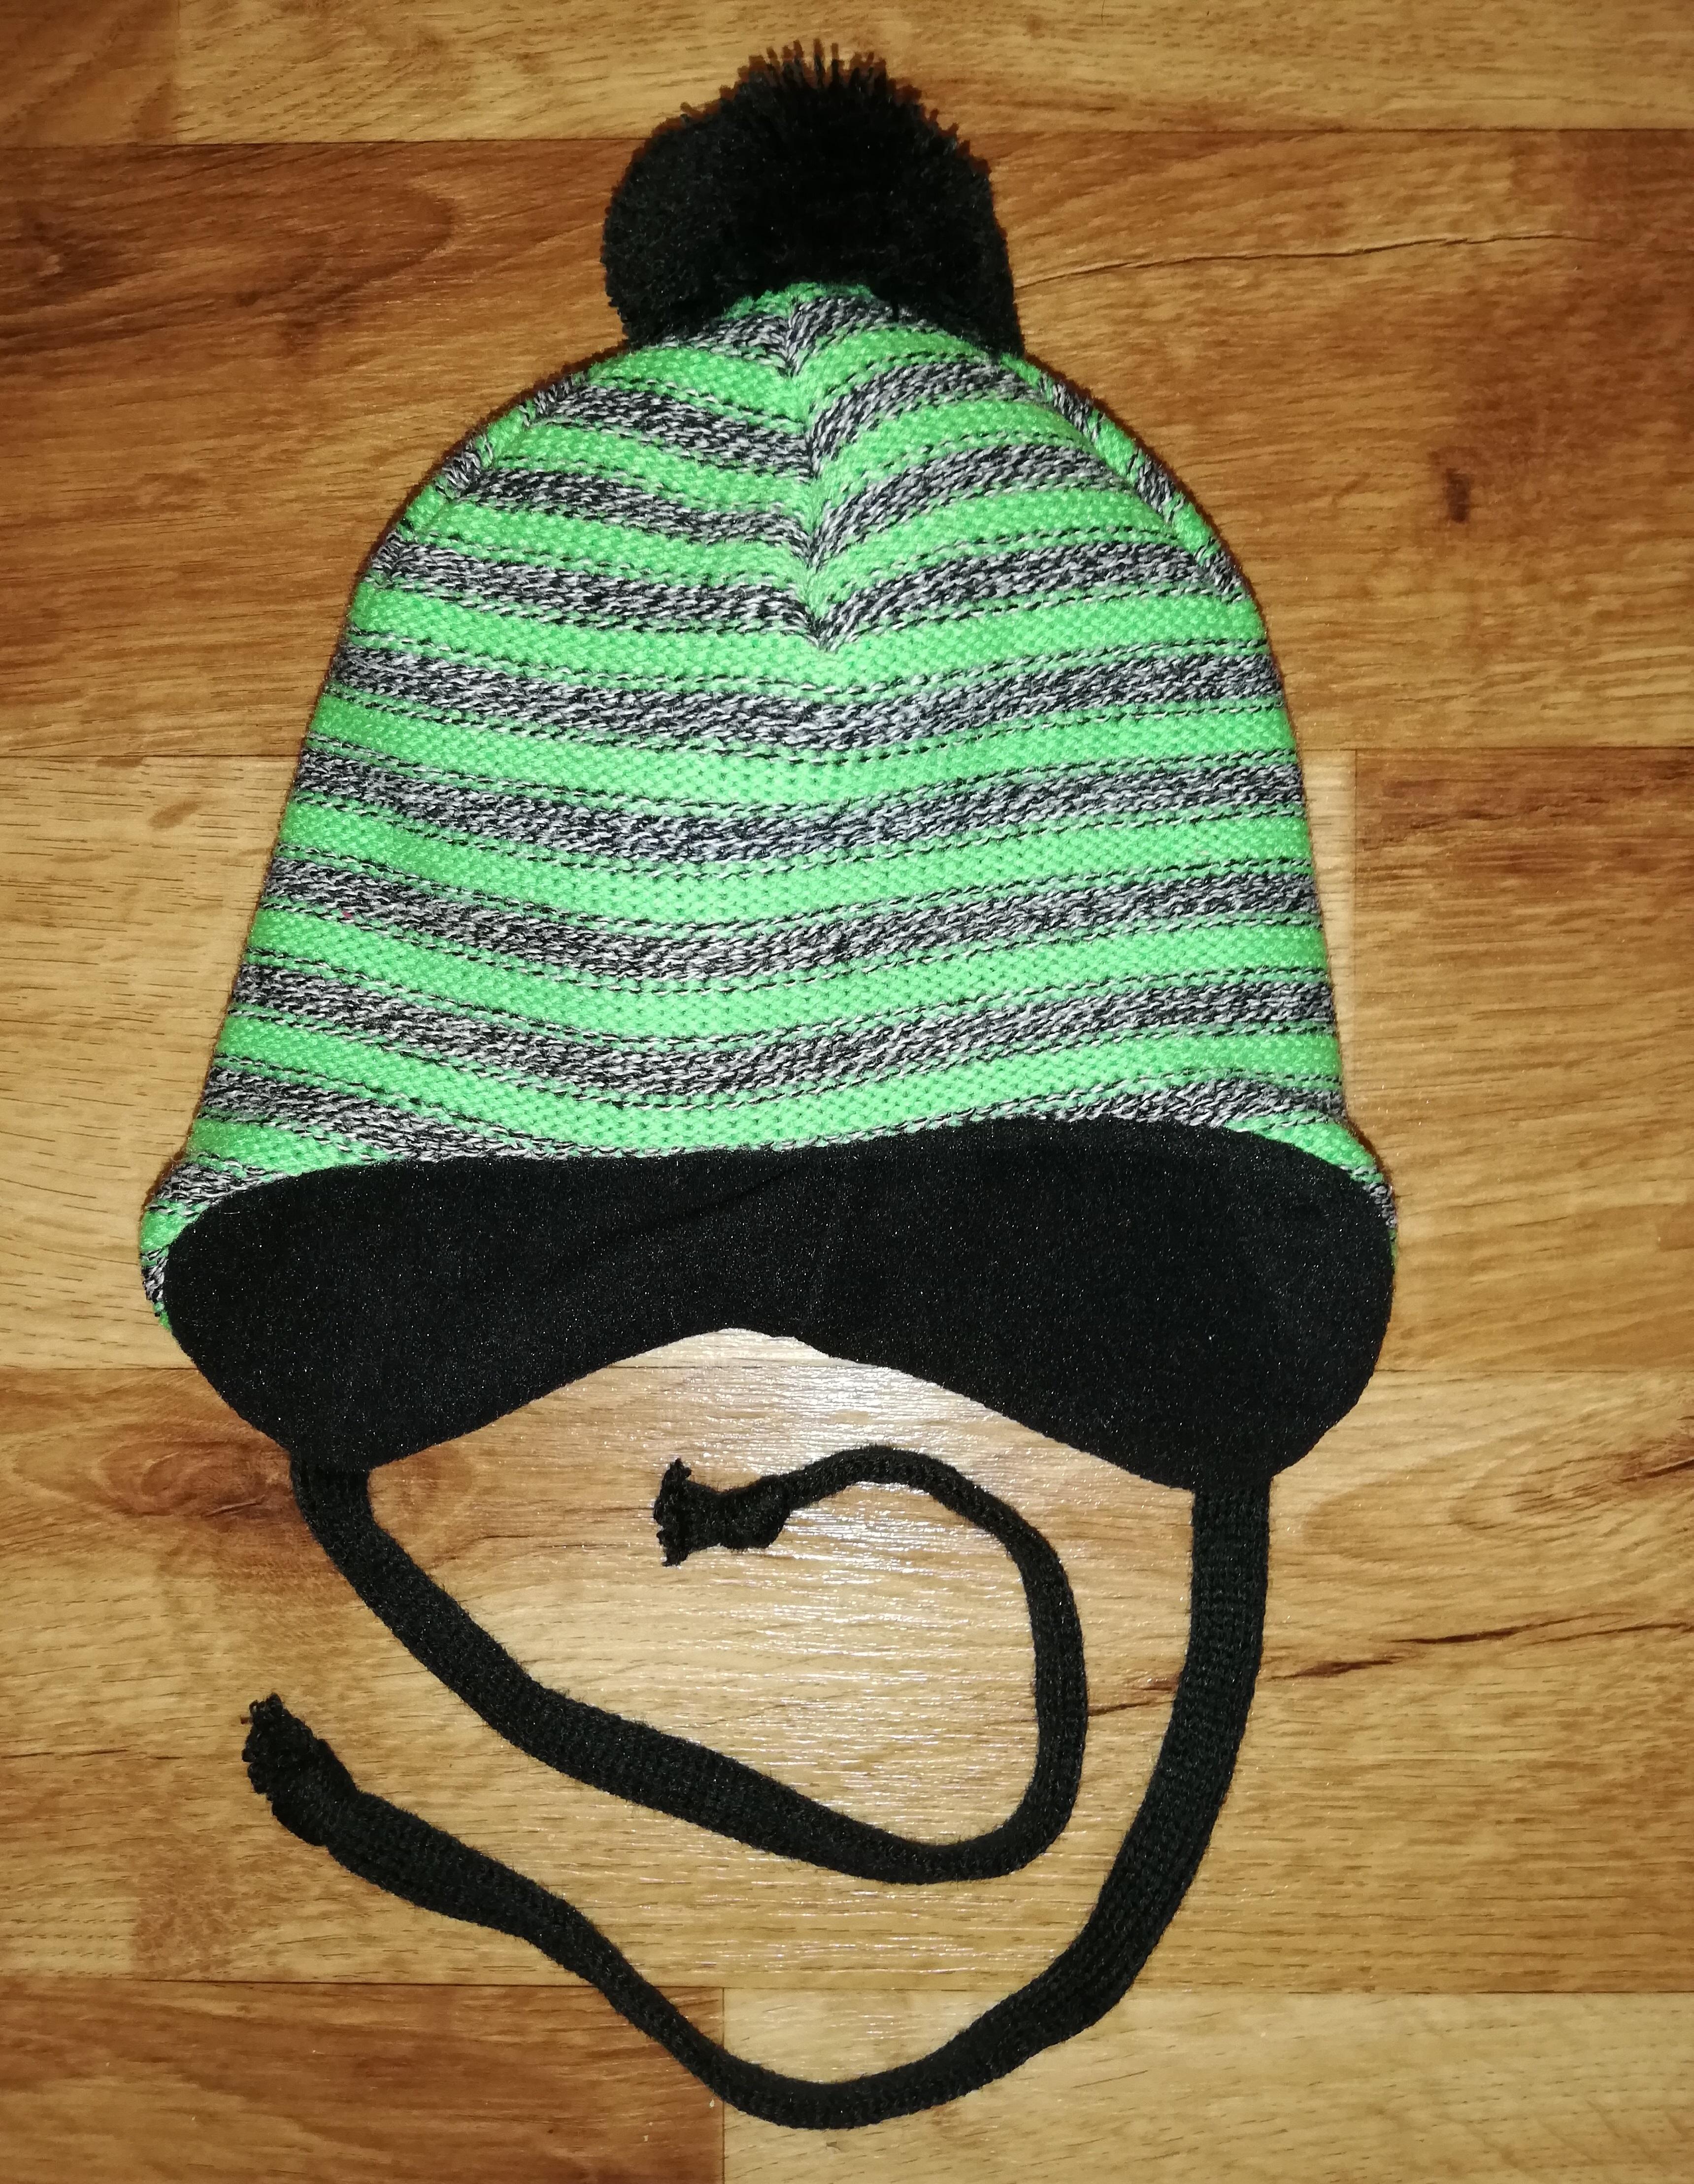 Dětská zimní čepice vel. 3 S (42 - 44) - Šedo-zelené pruhy s bambulí Yetty 8b3dd41991